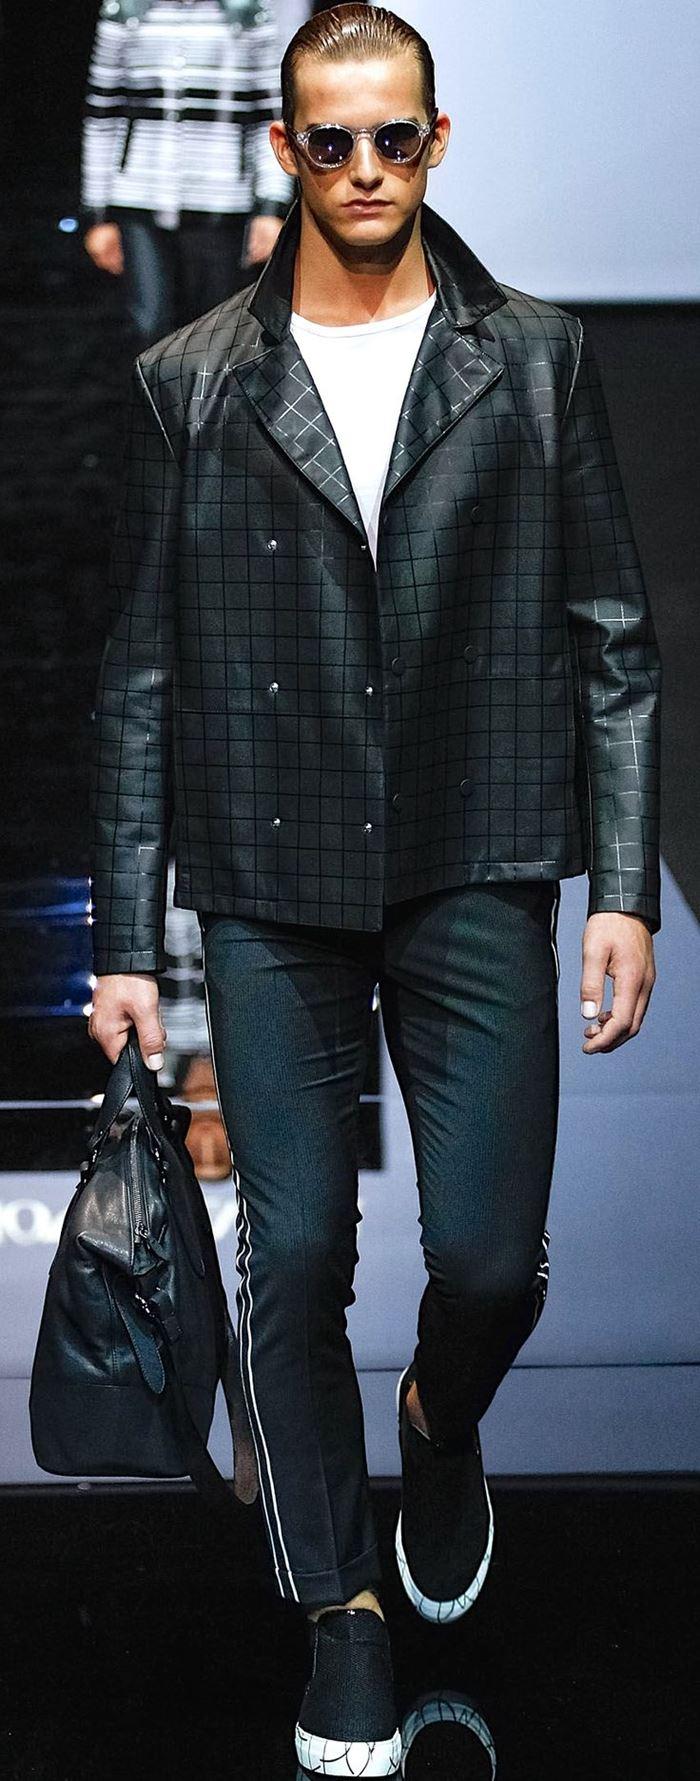 Emporio Armani двубортная клетчатая мужская кожаная куртка весна-лето 2015